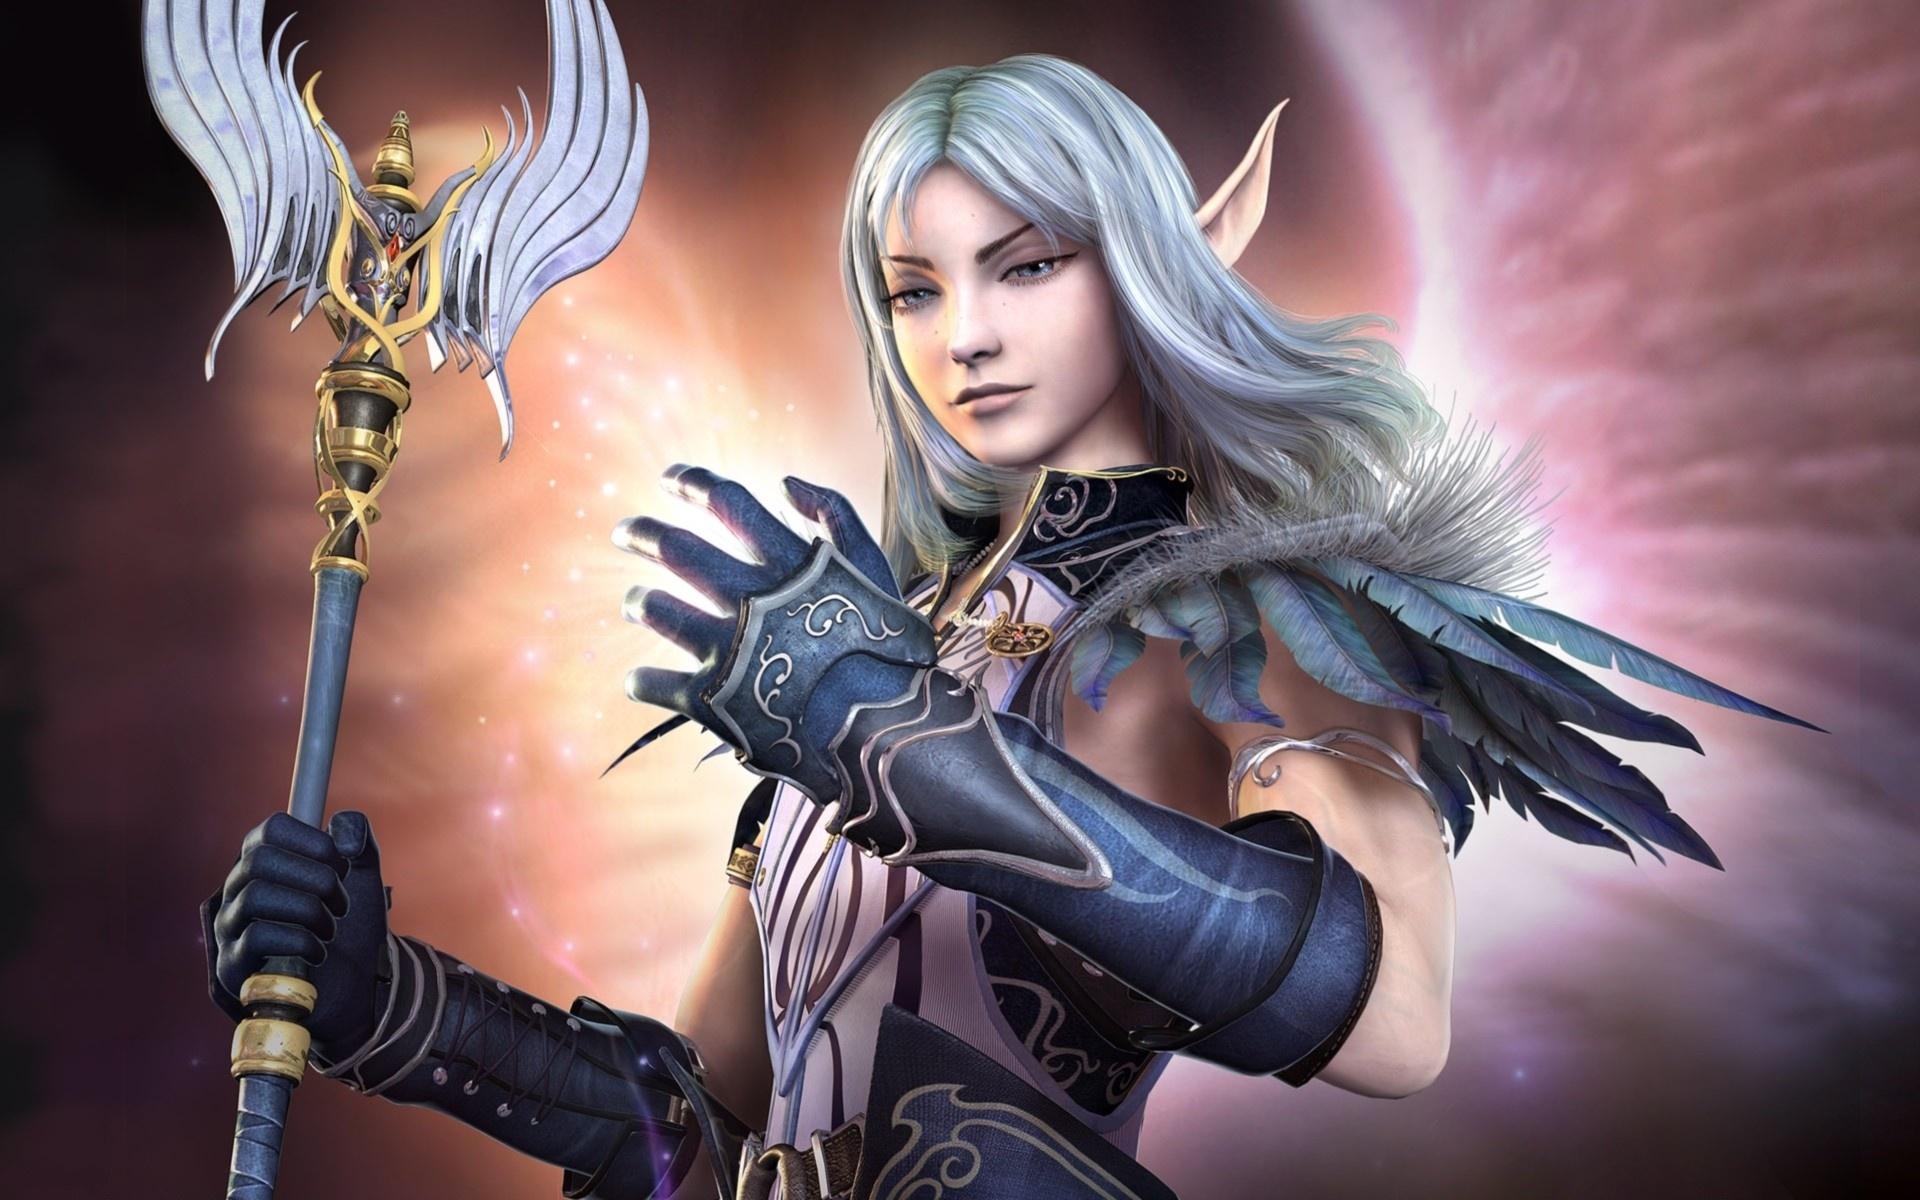 Elf fantasy 3d adult pics